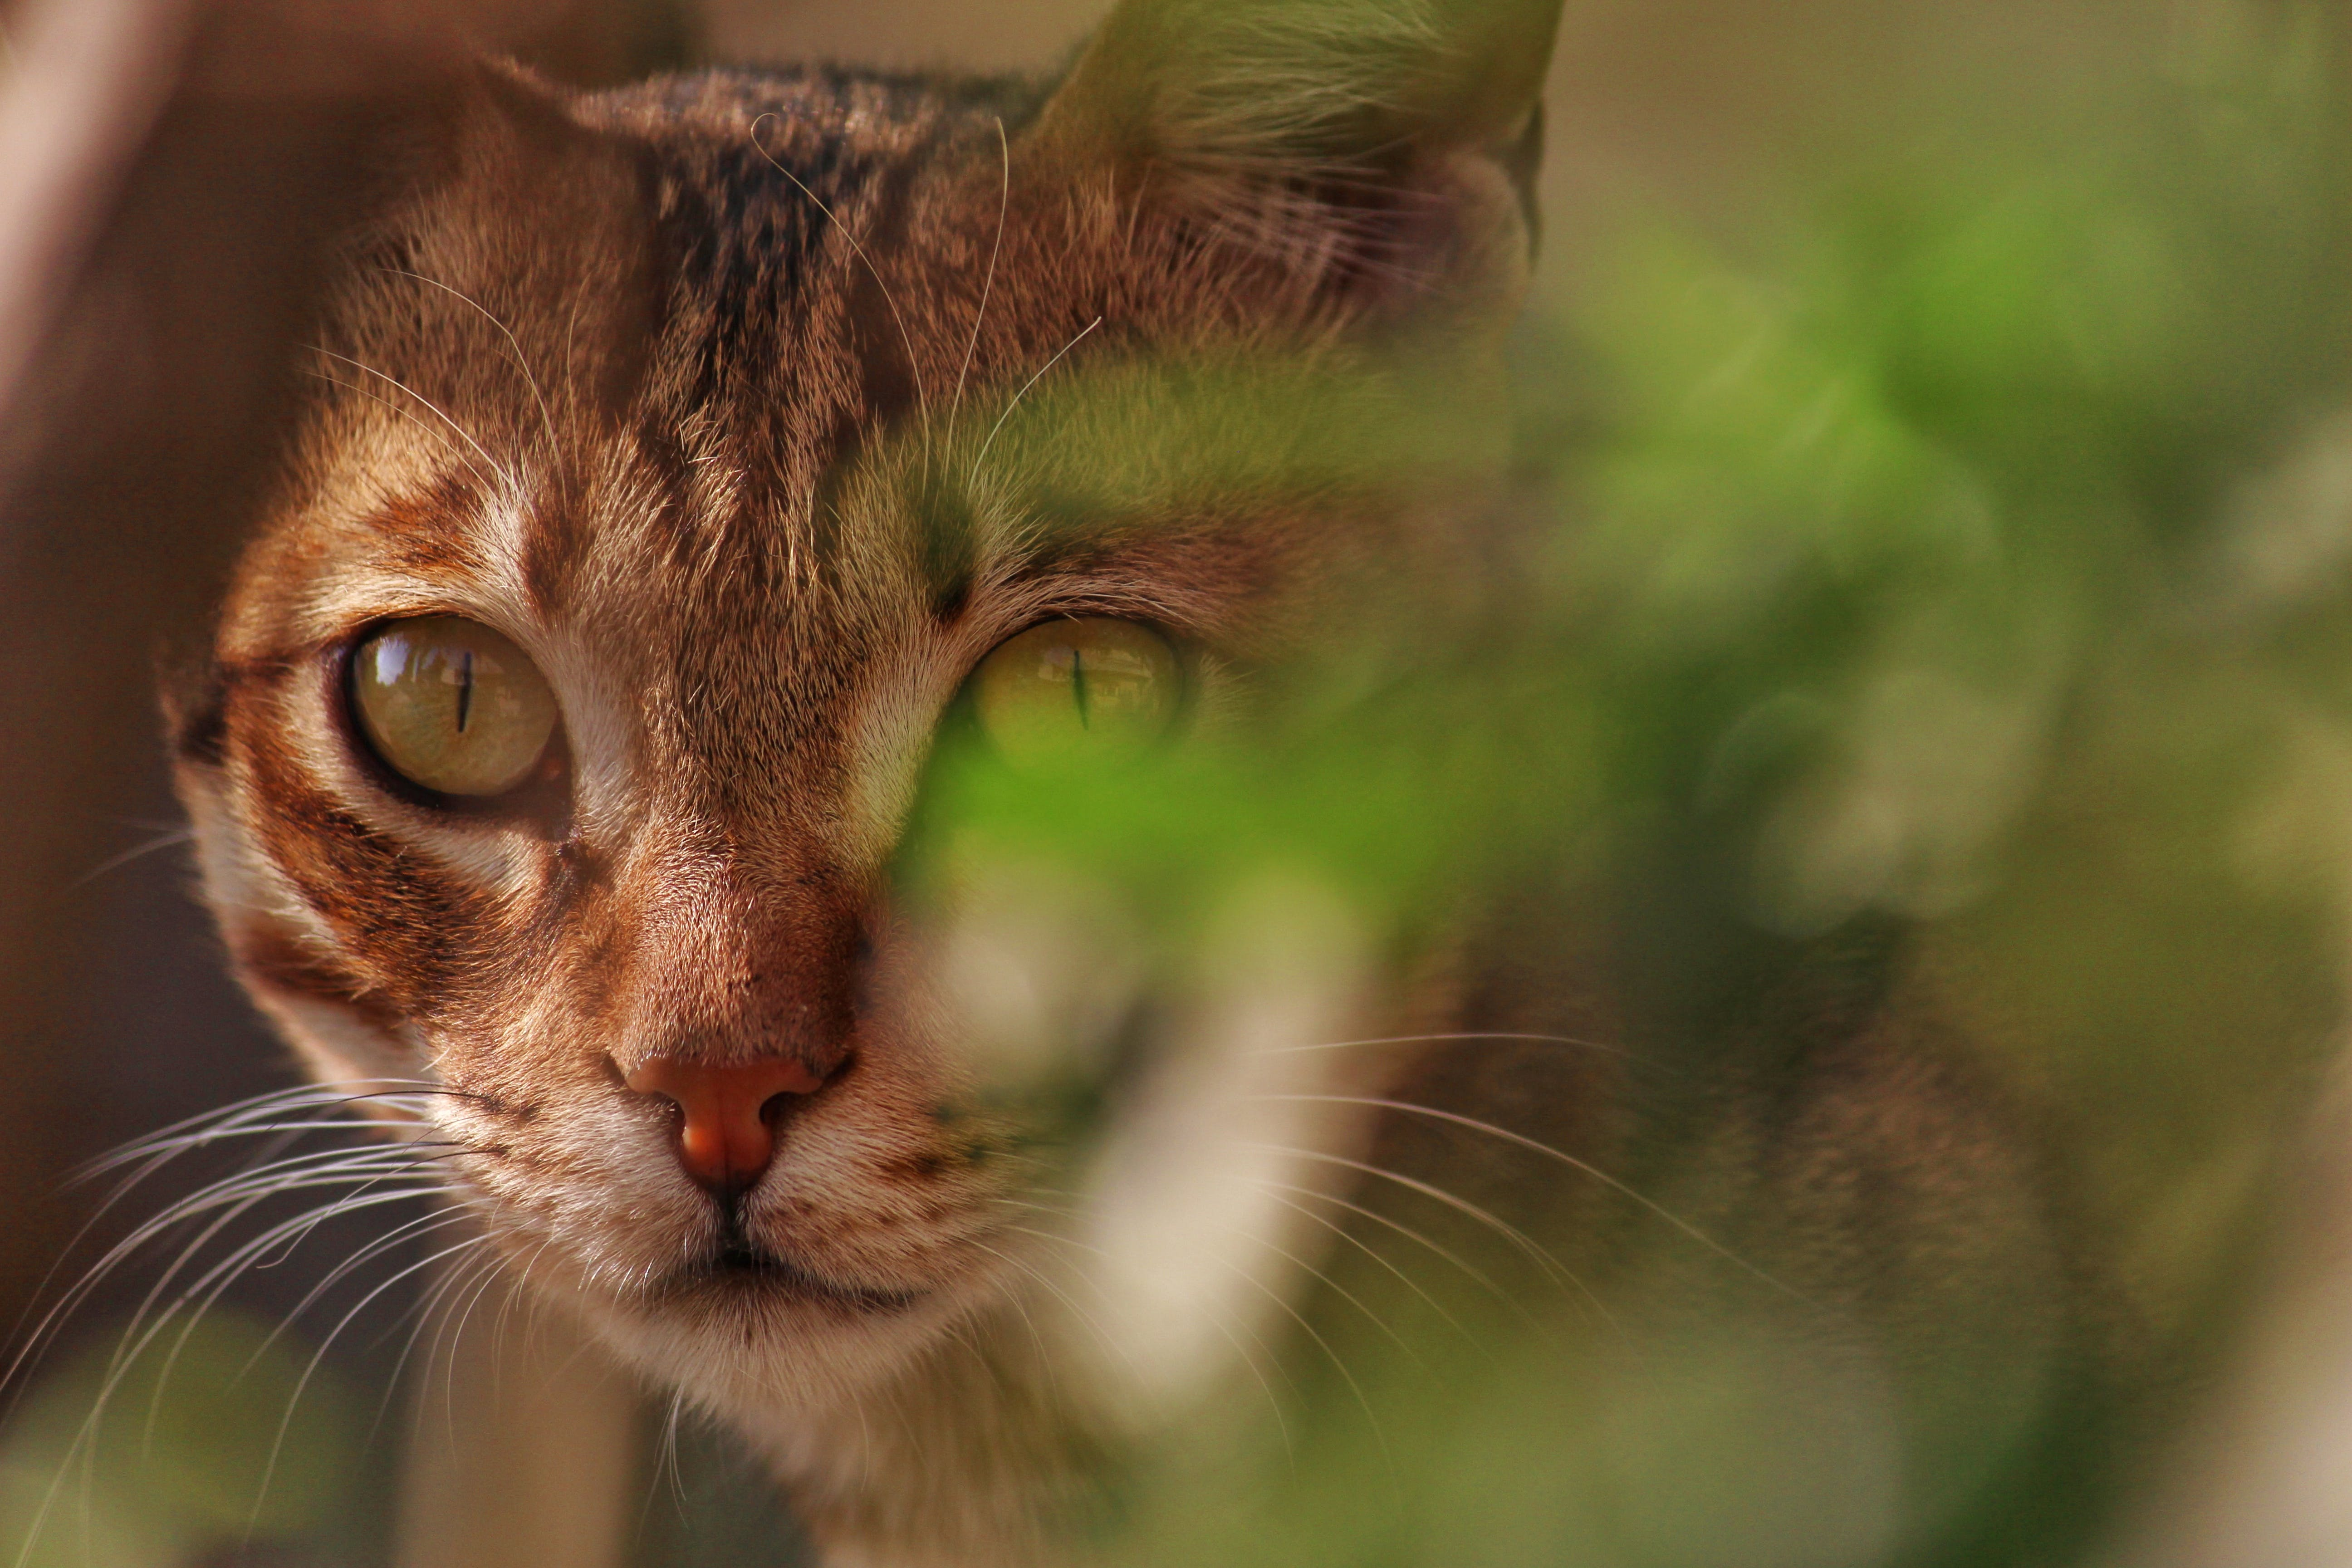 動物, 可愛, 可愛的, 哺乳動物 的 免费素材照片